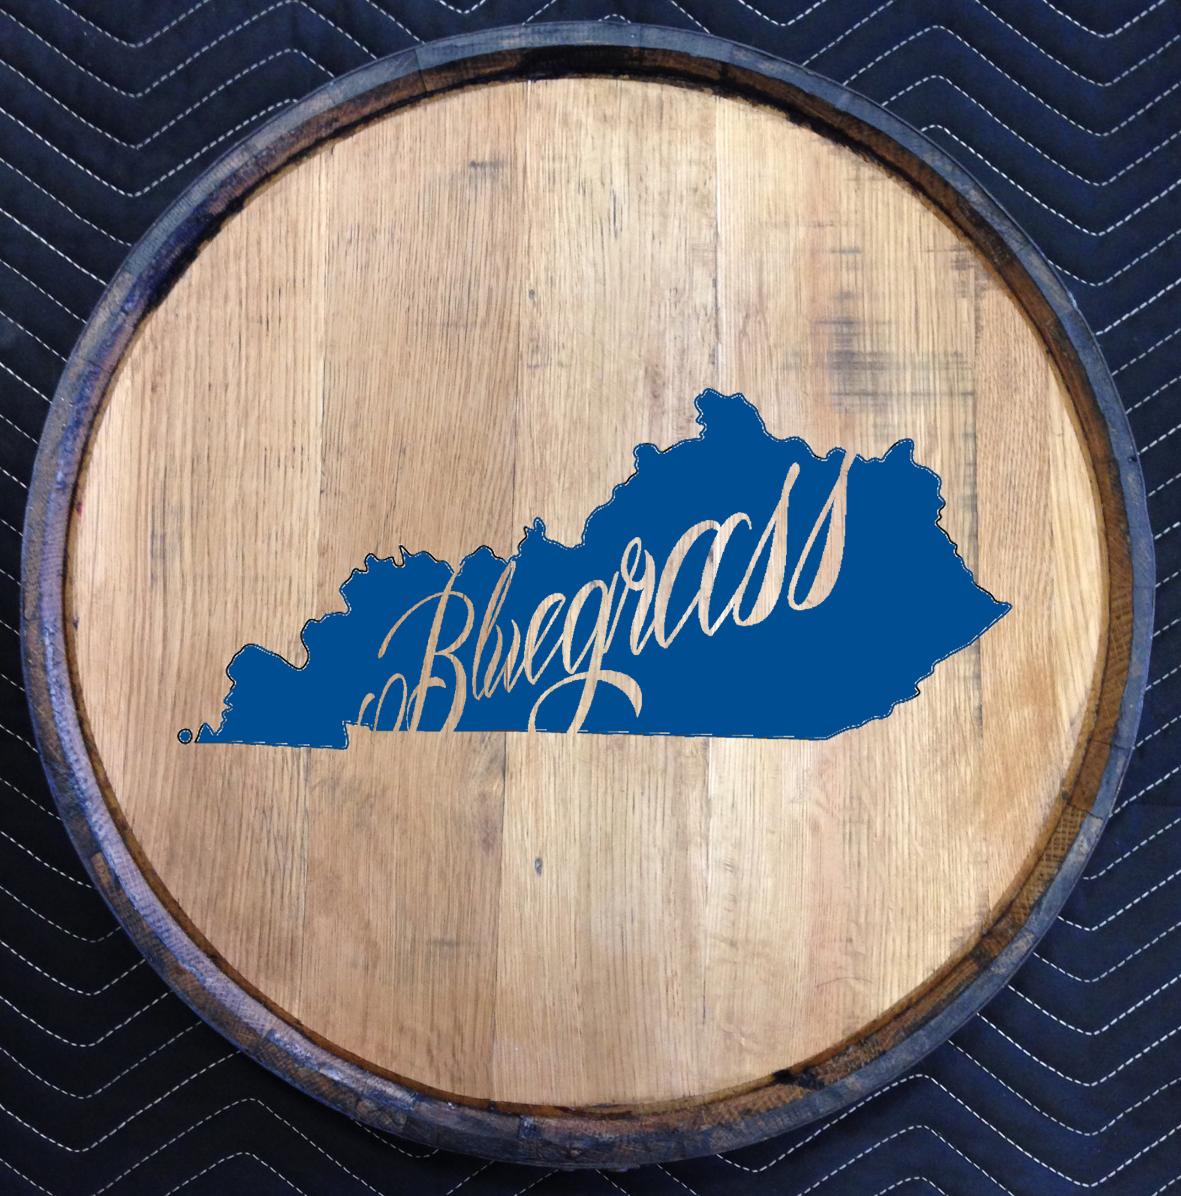 bluegrass quarter barrel head